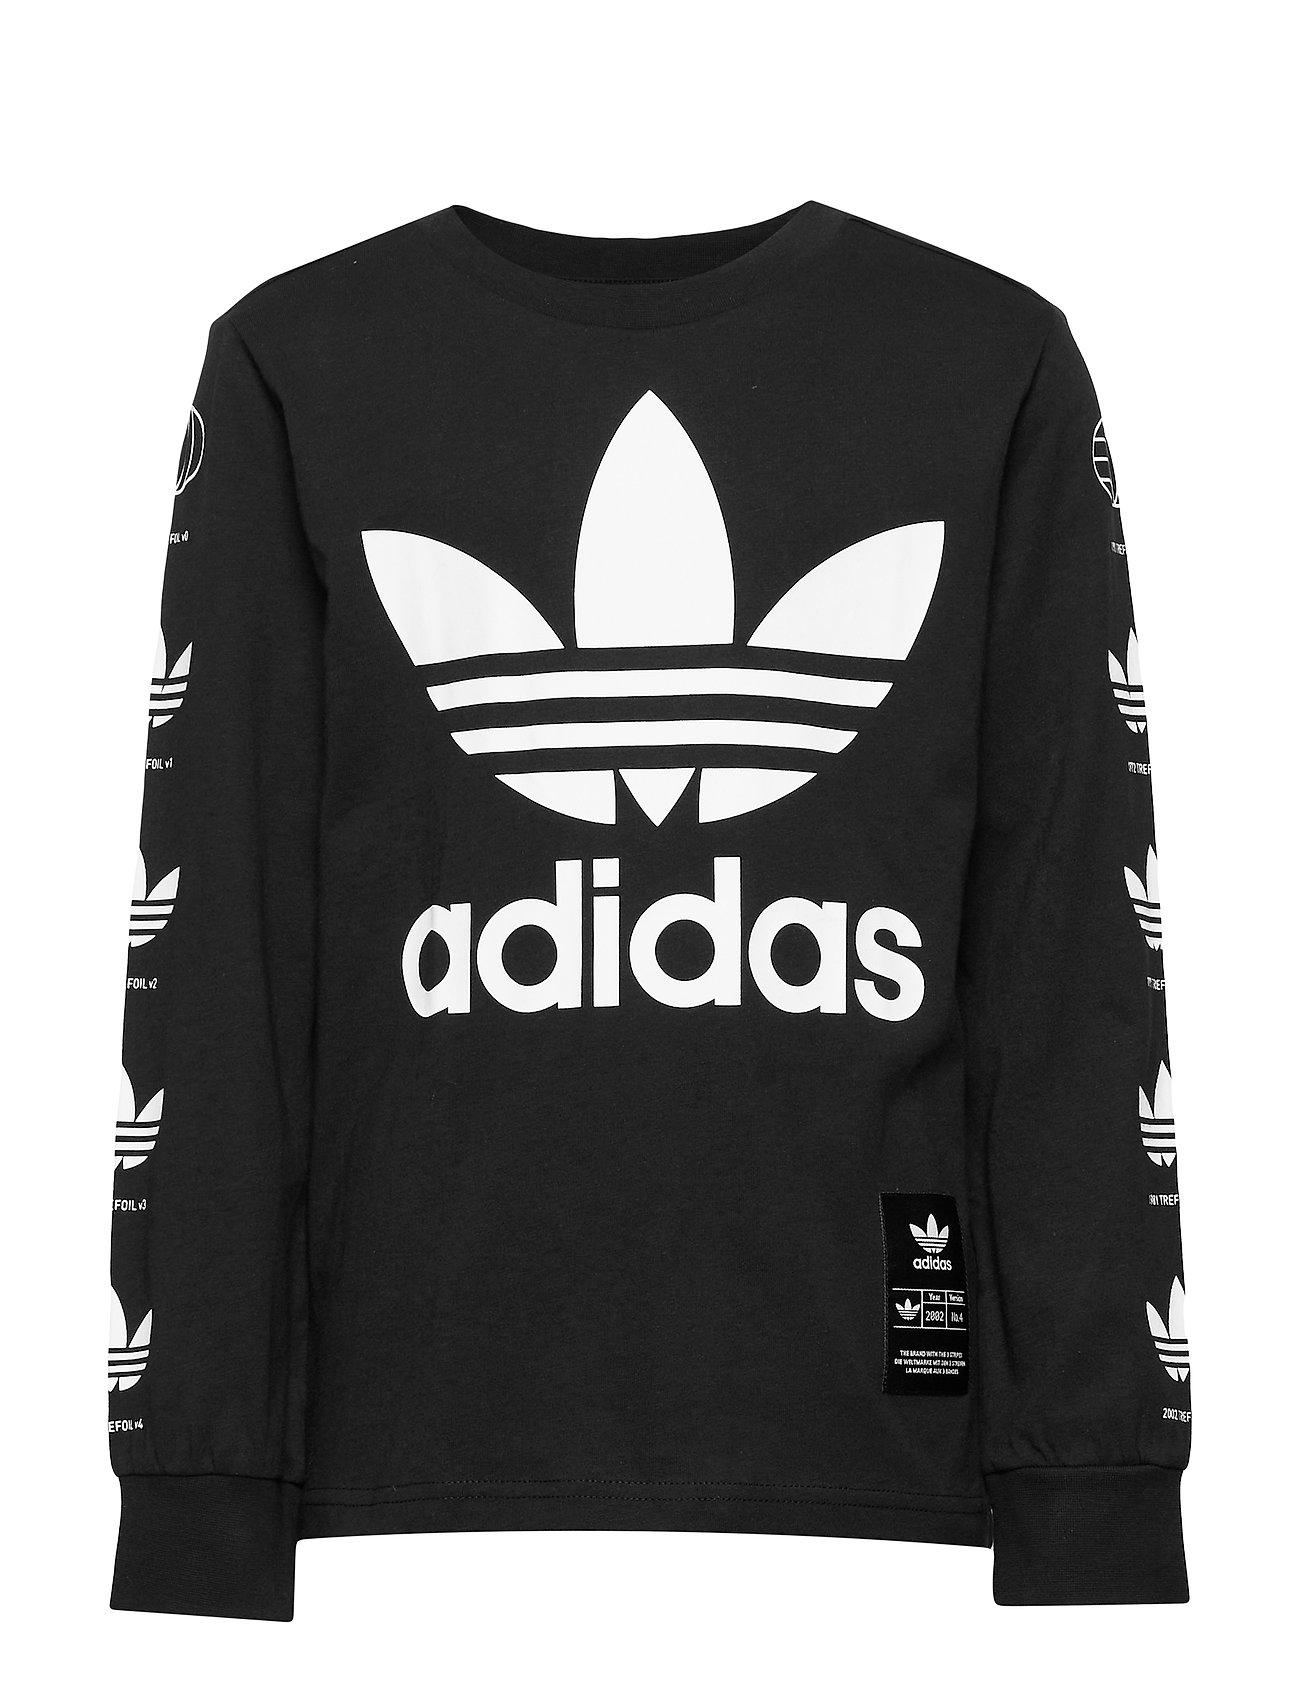 adidas Originals LS HISTORY - BLACK